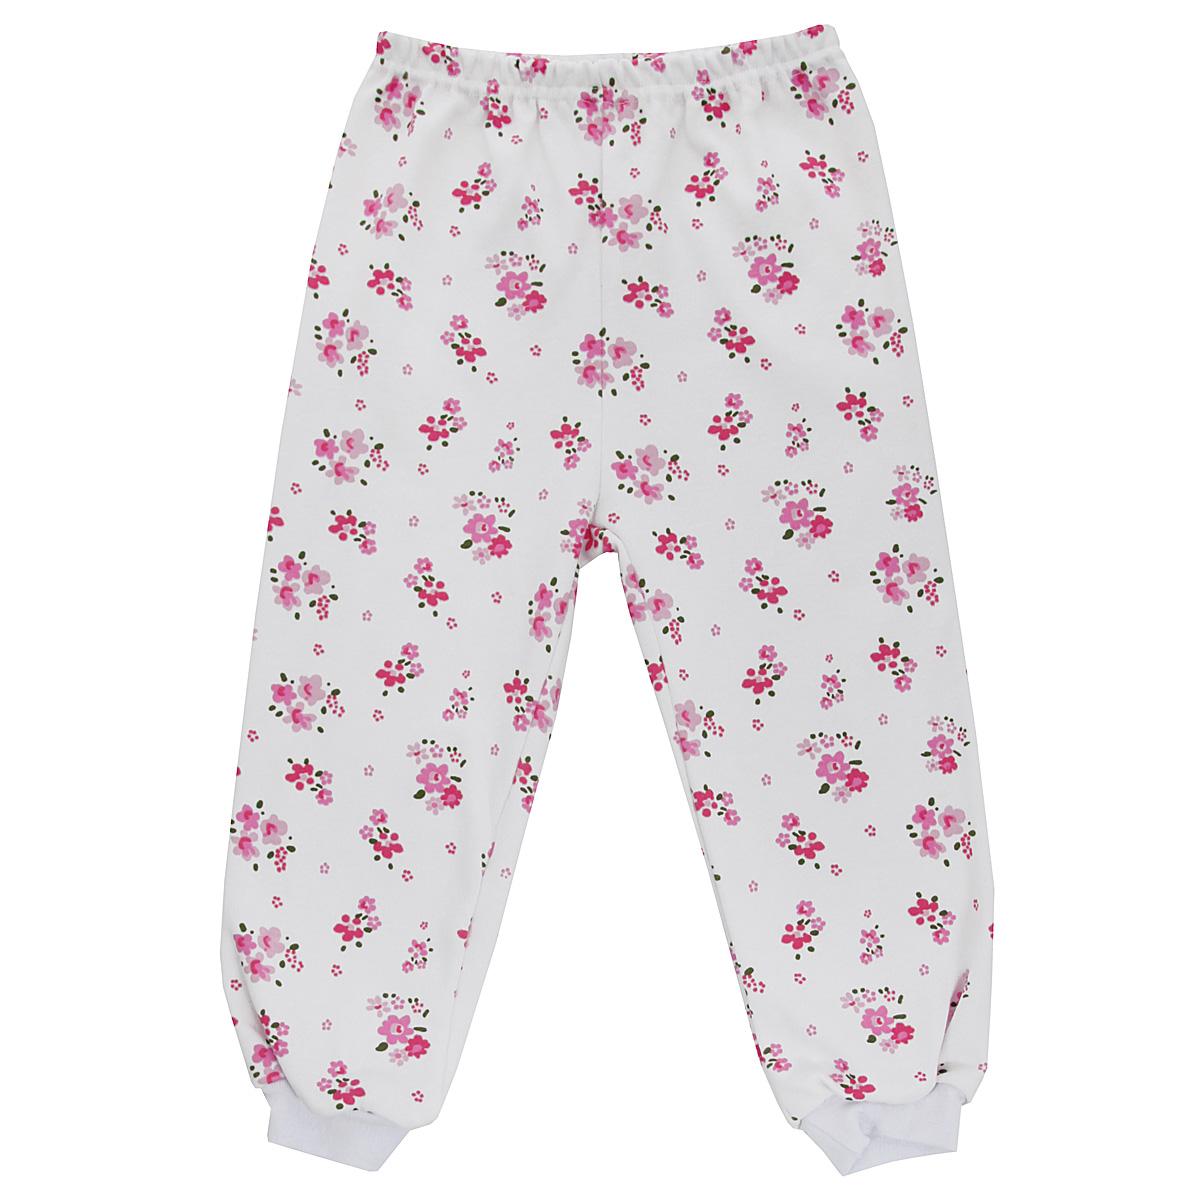 Штанишки5315_цветыУдобные штанишки для девочки Трон-плюс идеально подойдут вашей малышке и станут отличным дополнением к детскому гардеробу. Изготовленные из натурального хлопка - интерлока, они необычайно мягкие и легкие, не сковывают движения, позволяют коже дышать и не раздражают даже самую нежную и чувствительную кожу ребенка. Штанишки на талии имеют эластичную резинку, благодаря чему они не сдавливают животик ребенка и не сползают. Низ штанишек дополнен широкими эластичными манжетами. Оформлена модель ненавязчивым цветочным принтом. В таких штанишках ваша дочурка будет чувствовать себя комфортно и уютно.